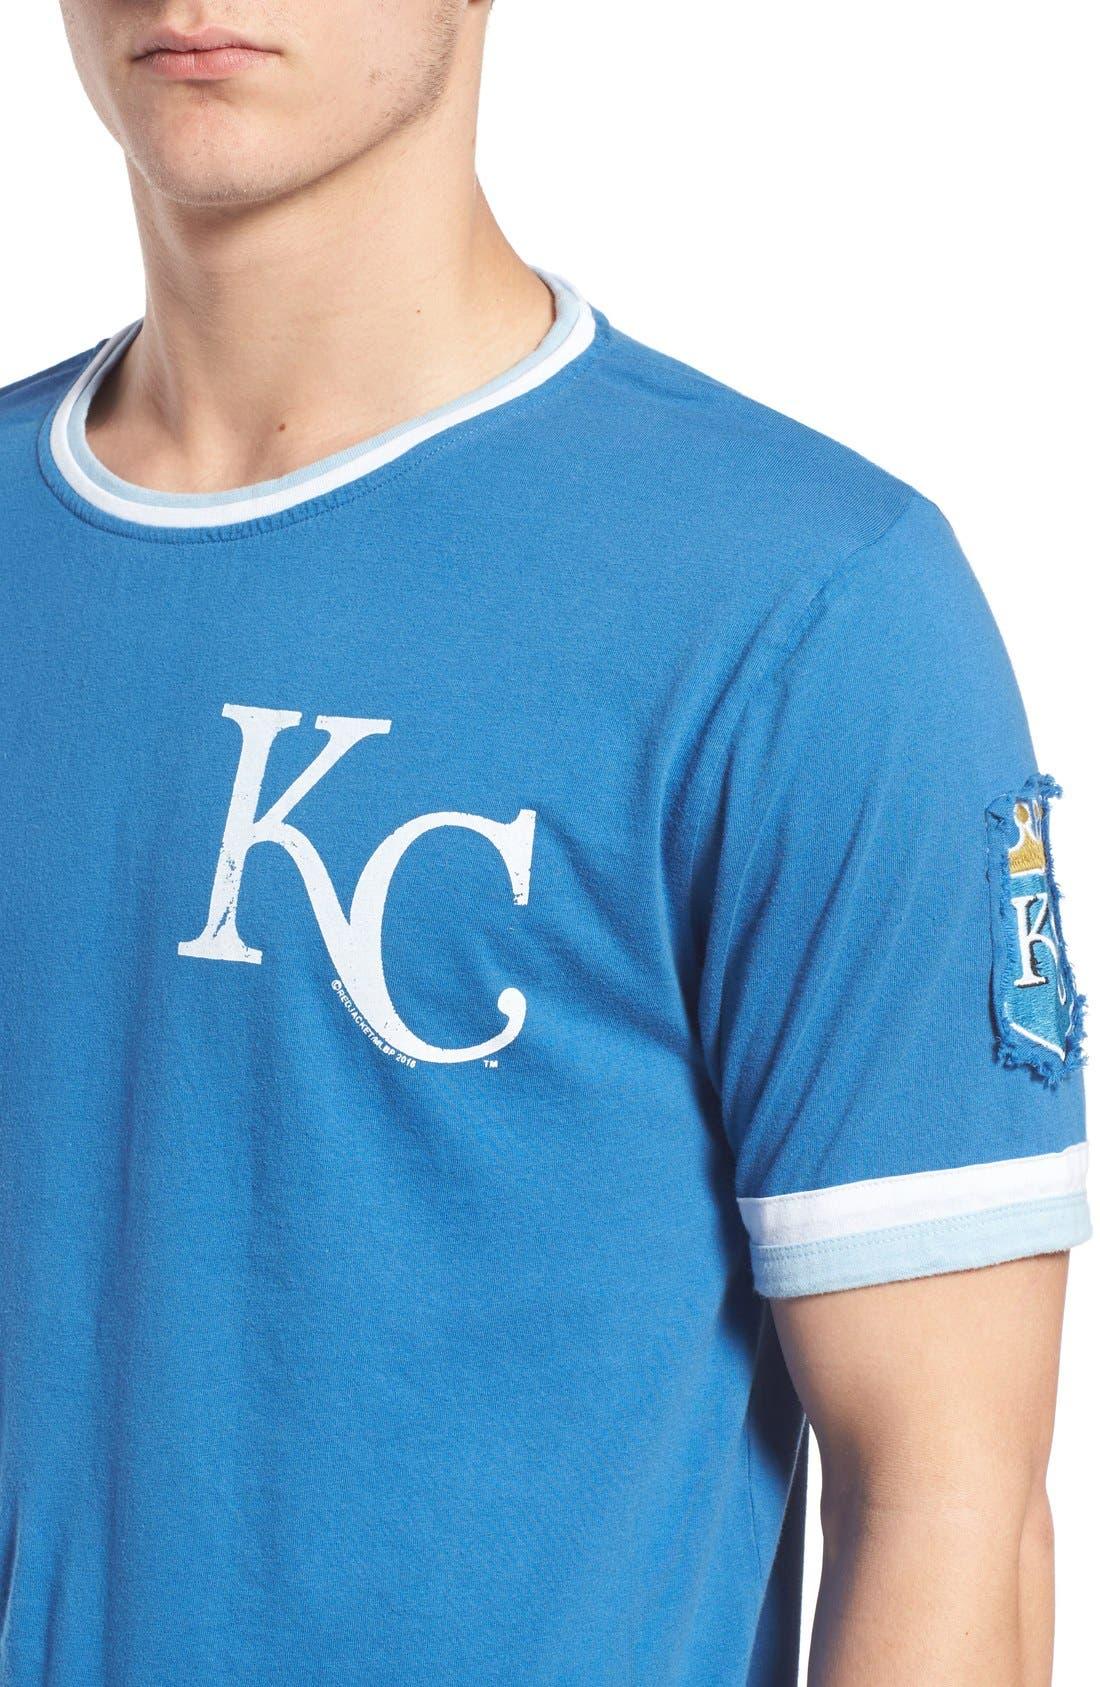 'Kansas City Royals - Remote Control' Trim Fit T-Shirt,                             Alternate thumbnail 4, color,                             450